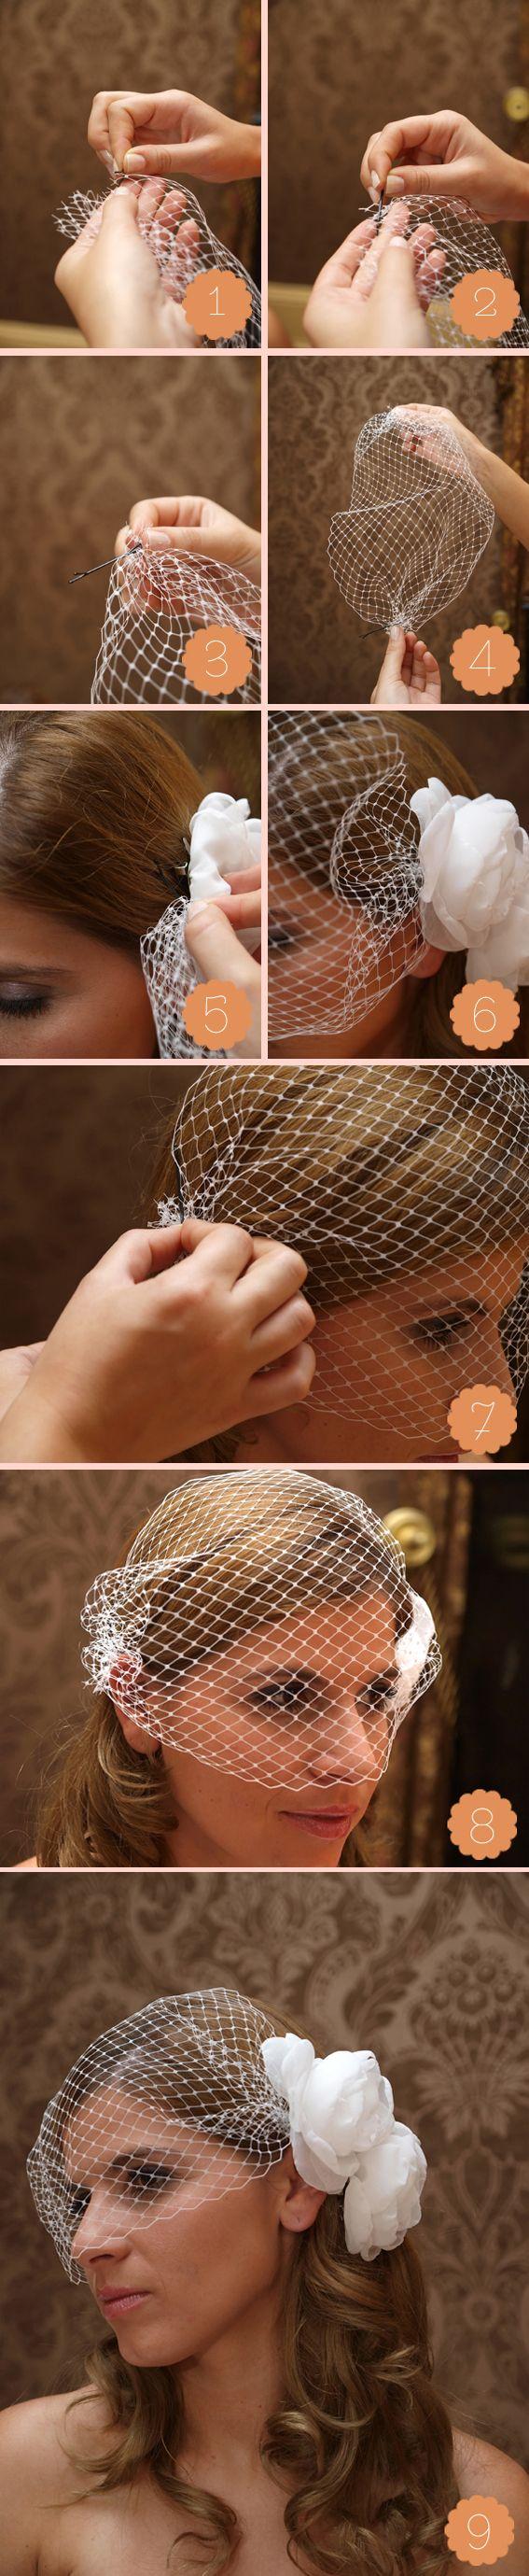 http://vivelacompagnie.com/d-i-y-de-sexta-birdcage-veil/                                                                                                                                                                                 Más